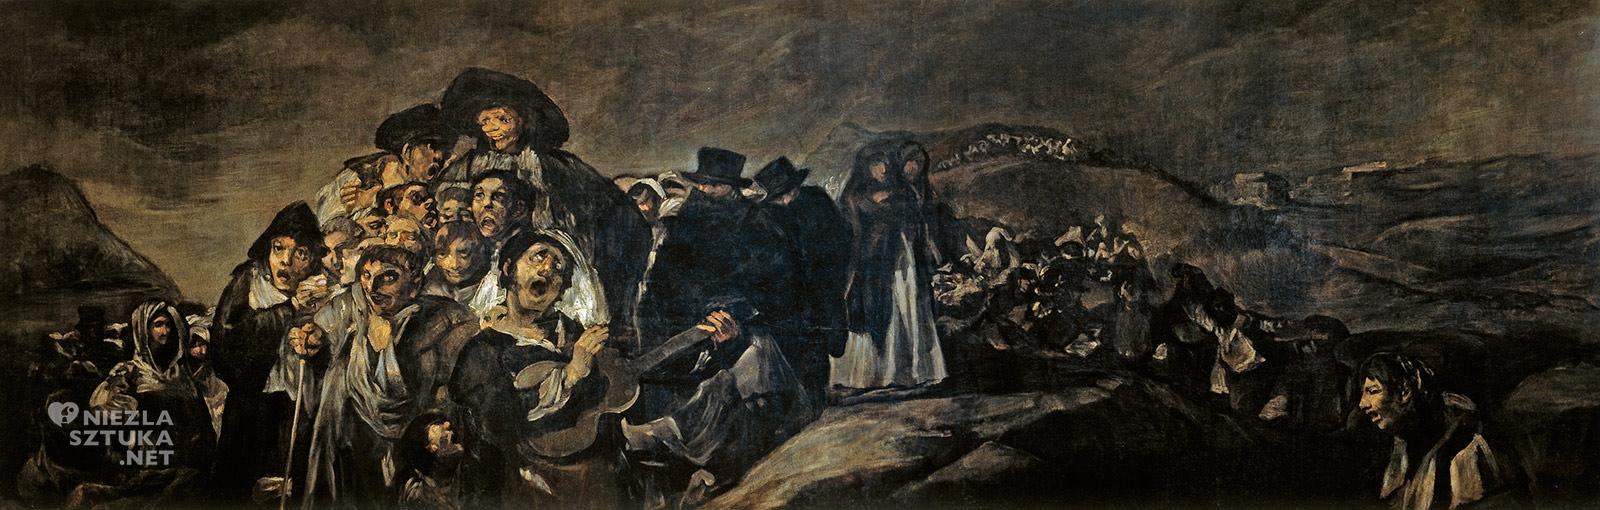 Francisco Goya, czarne obrazy, prado, madryt, Niezła sztuka